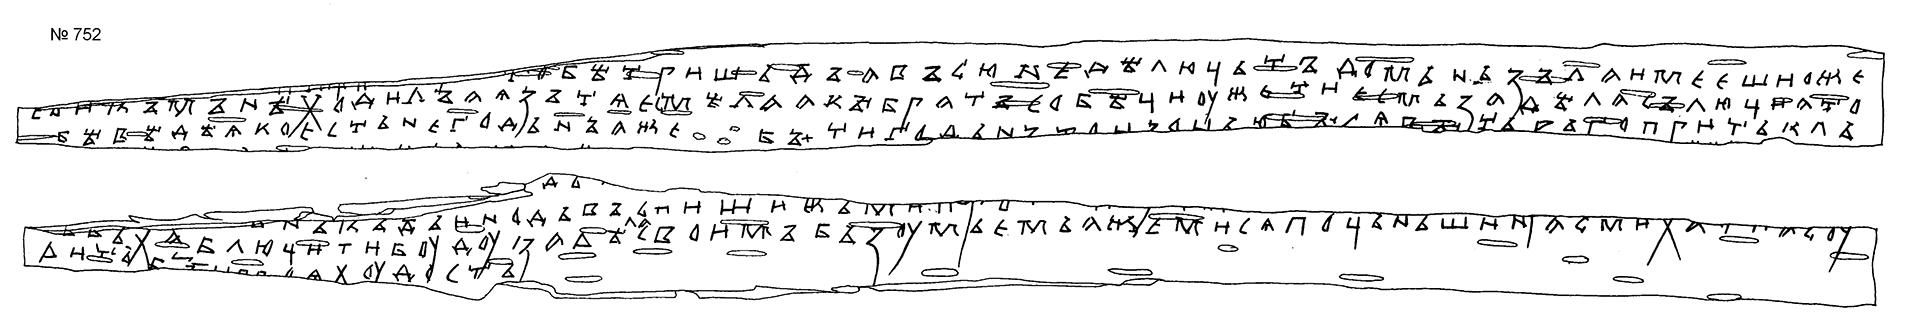 Новгородские археологи открыли неизвестное древнерусское ругательство - 2